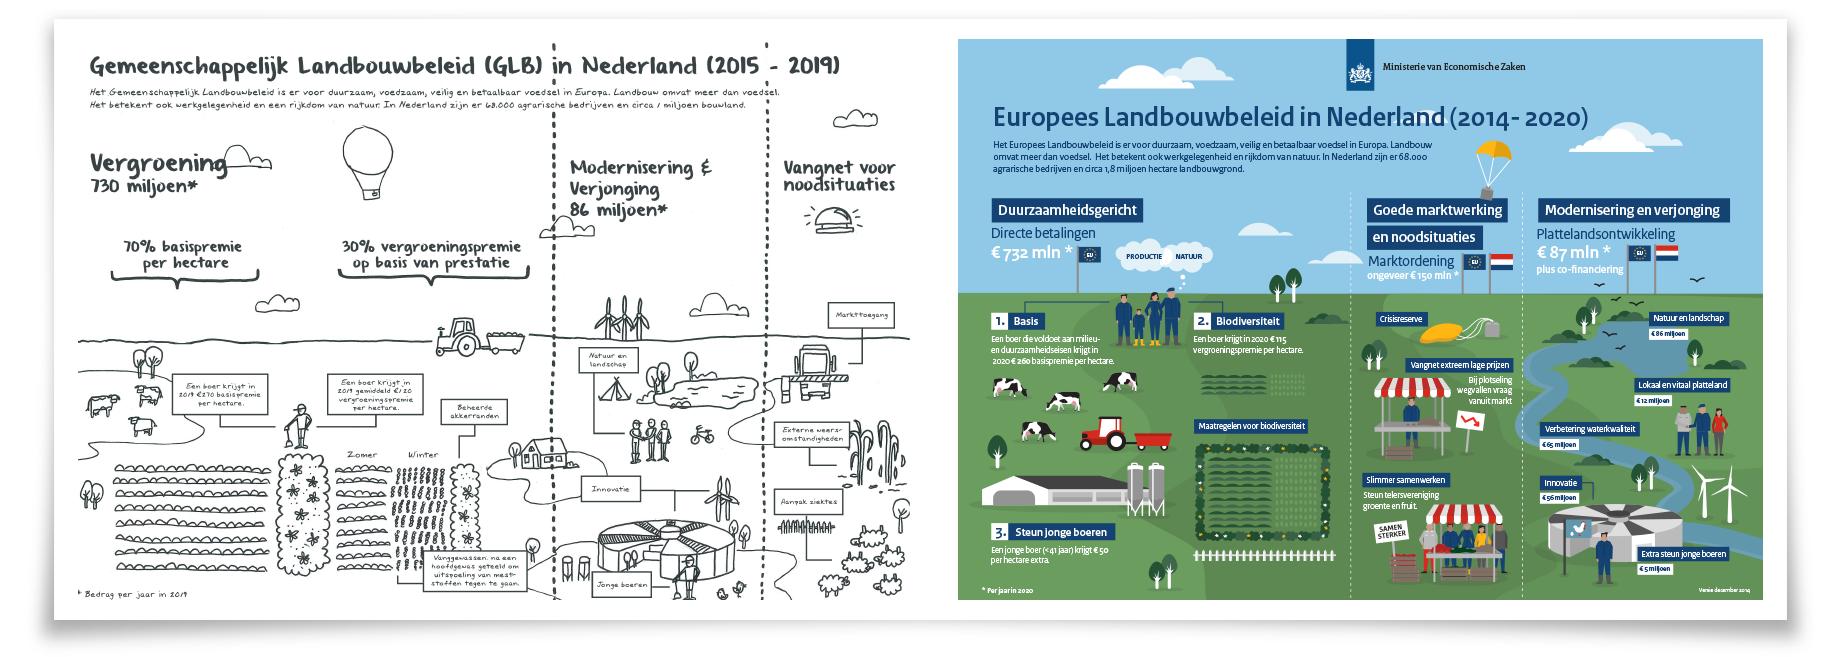 Europees landbouwbeleid